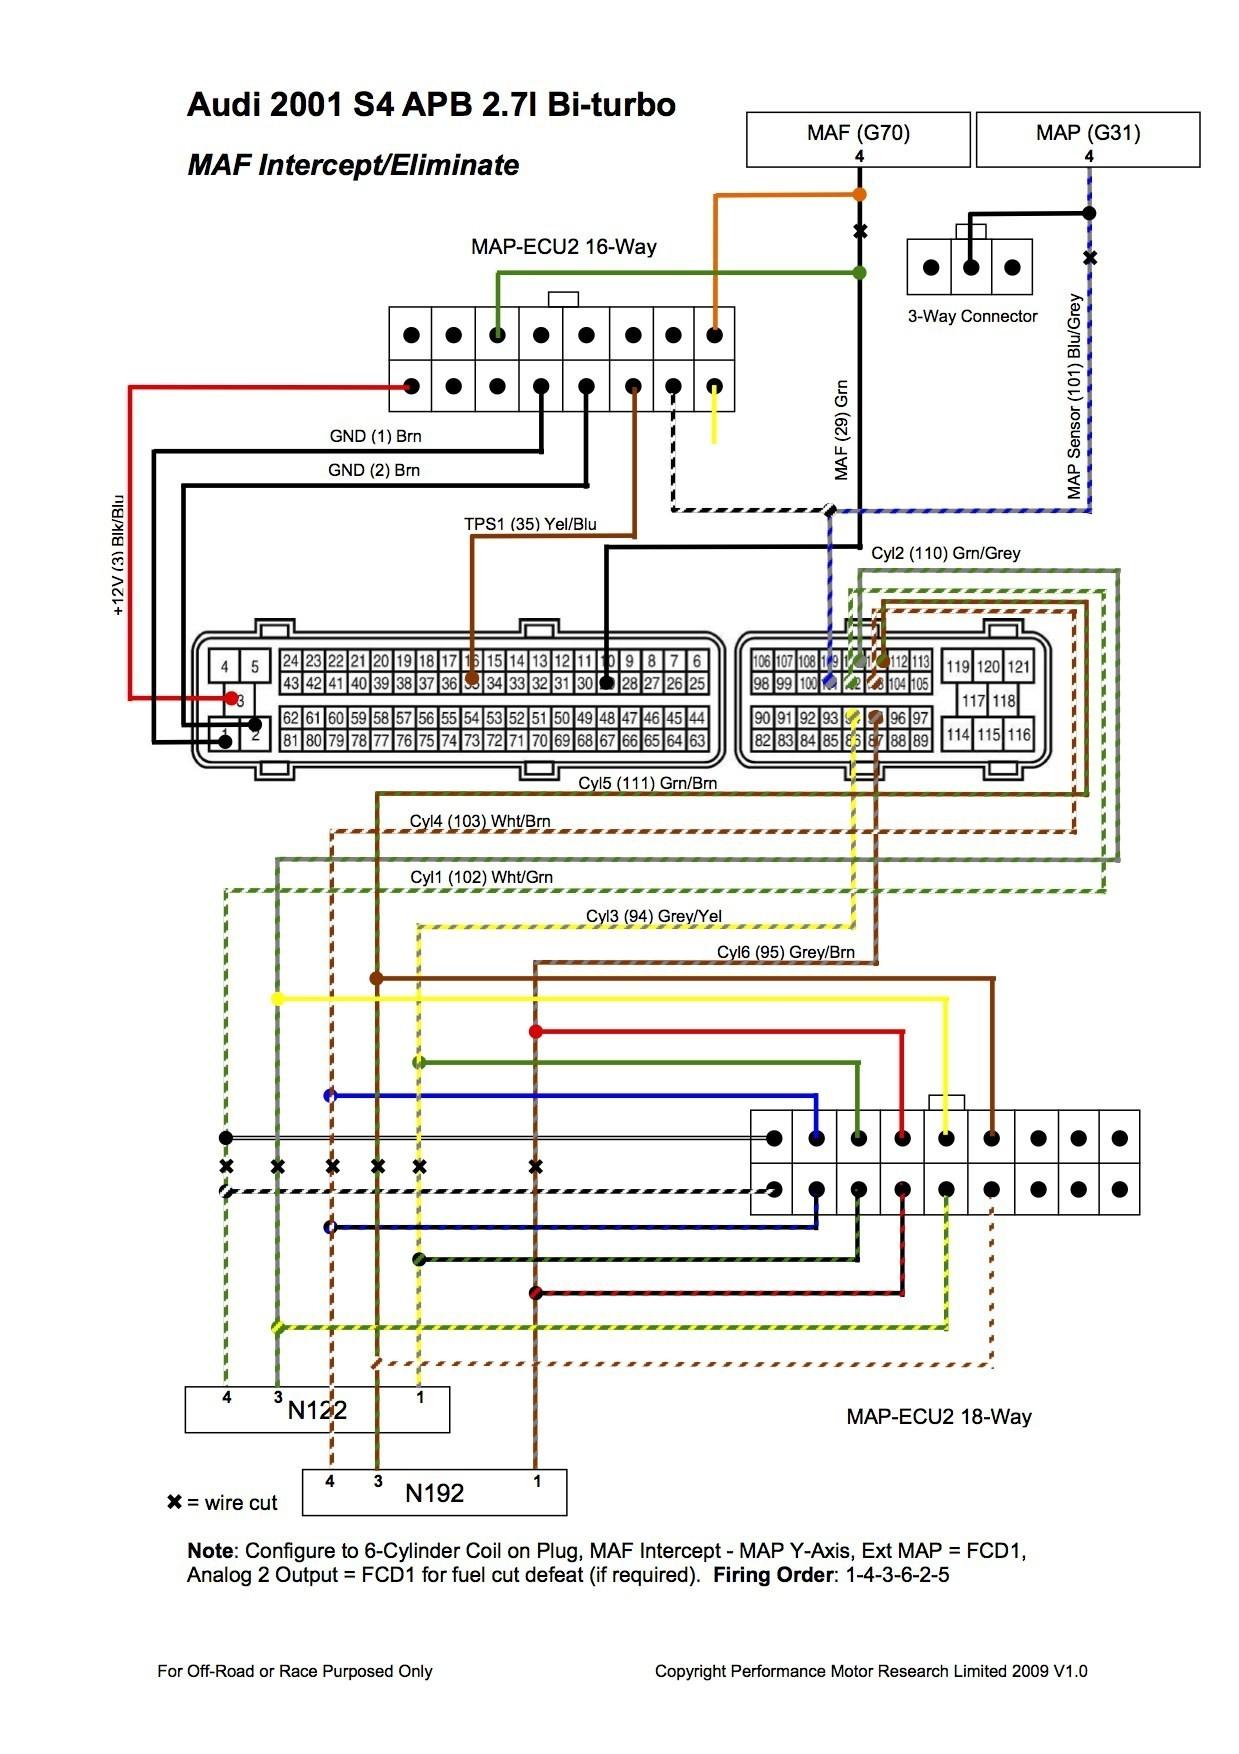 wiring diagram 1997 mitsubishi lancer - wiring diagram bounce-upgrade -  bounce-upgrade.agriturismoduemadonne.it  agriturismoduemadonne.it